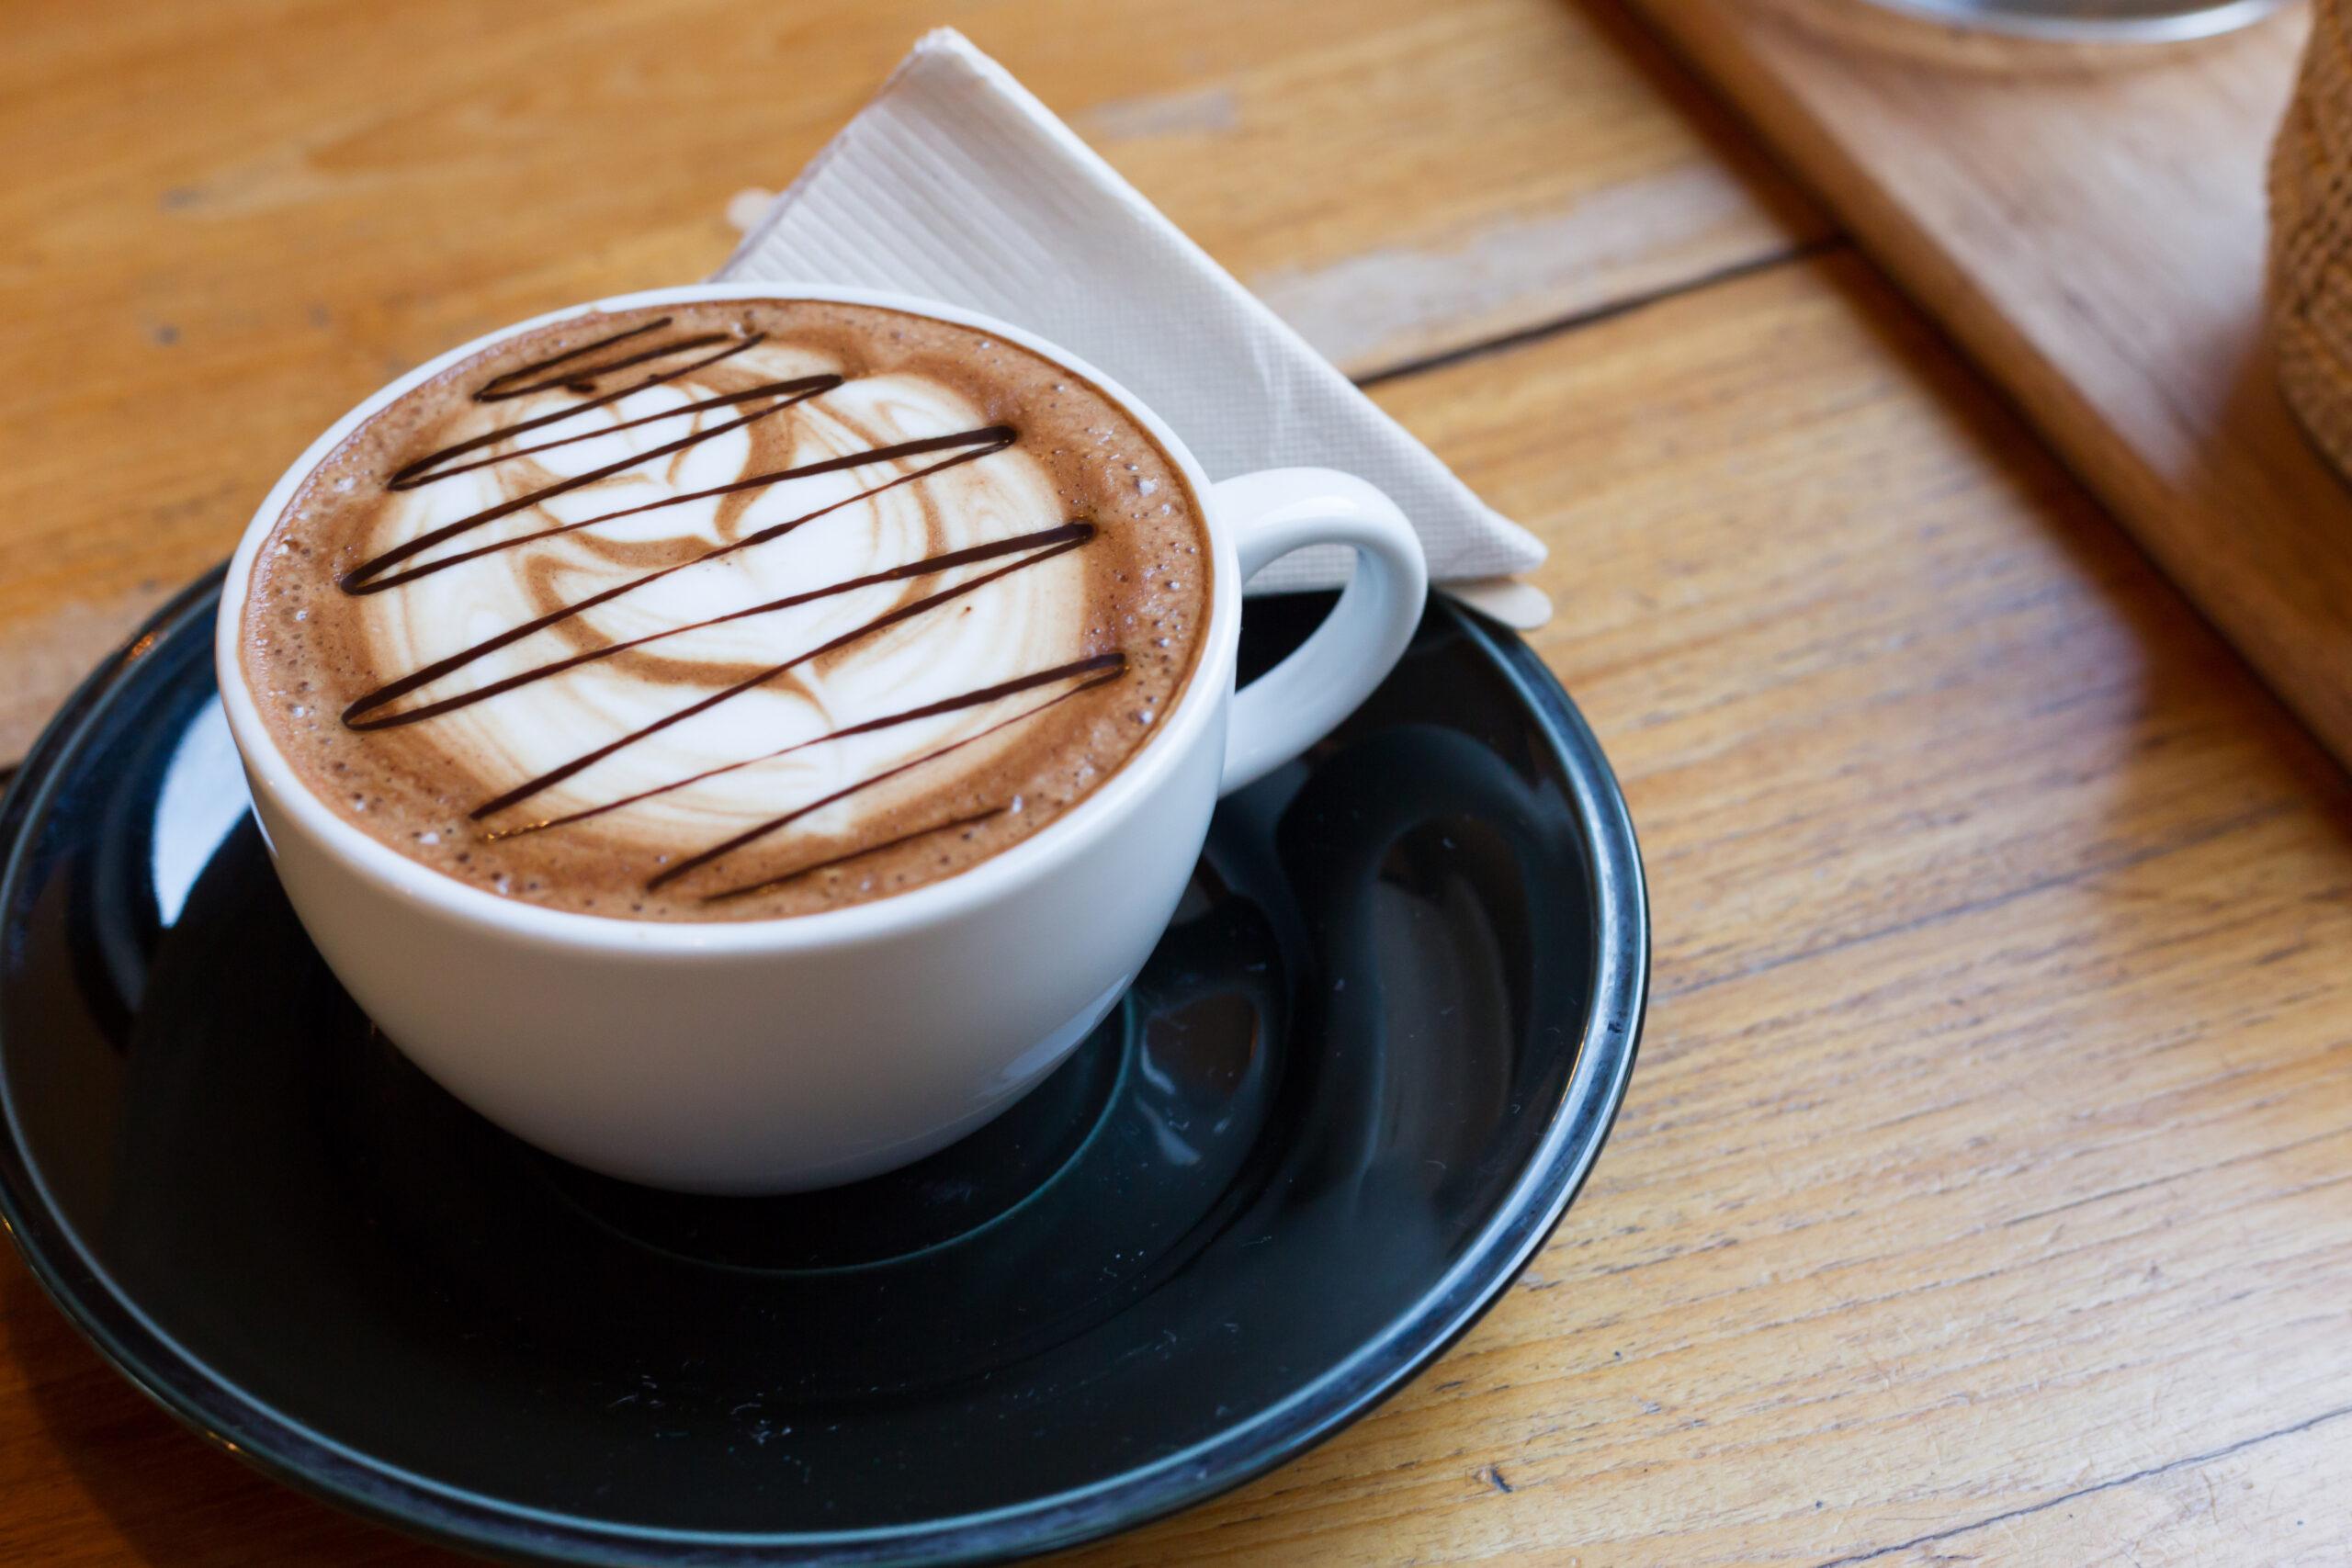 ビタースイートを求めるなら:カフェモカ